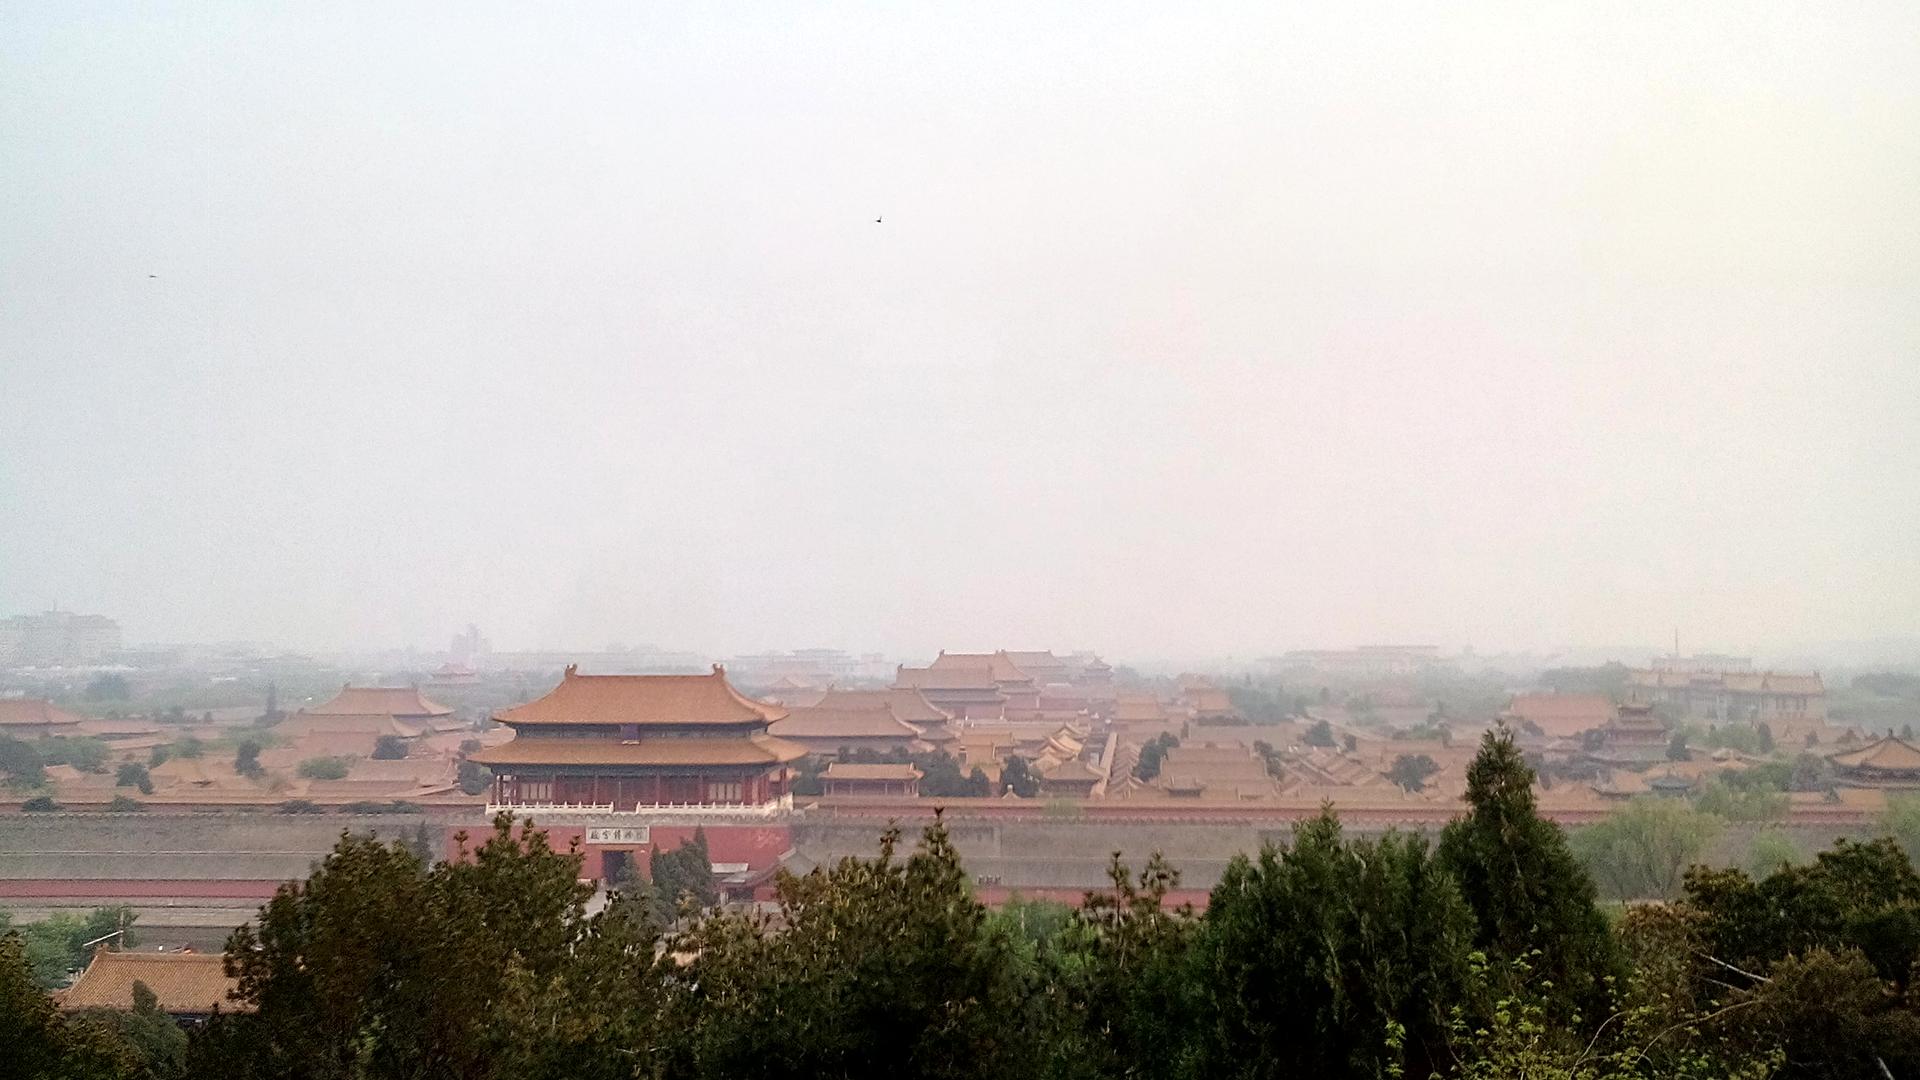 Vom höchsten Punkt des Parks sieht man die Anlage der Verbotenen Stadt! An diesem Tag sah man tatsächlich einmal den Smog.